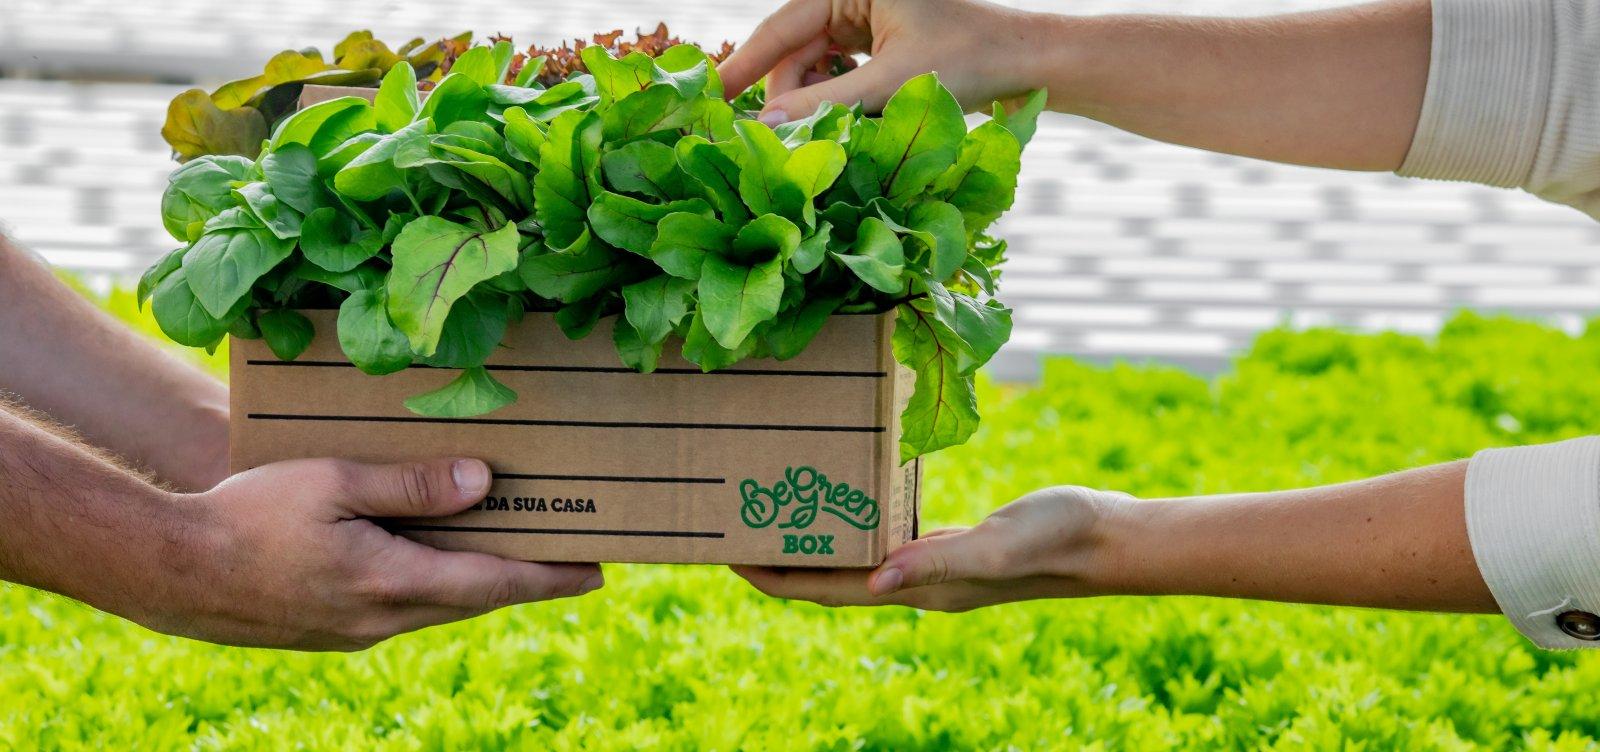 Com alimentos sem agrotóxico, Salvador ganha este mês primeira fazenda urbana